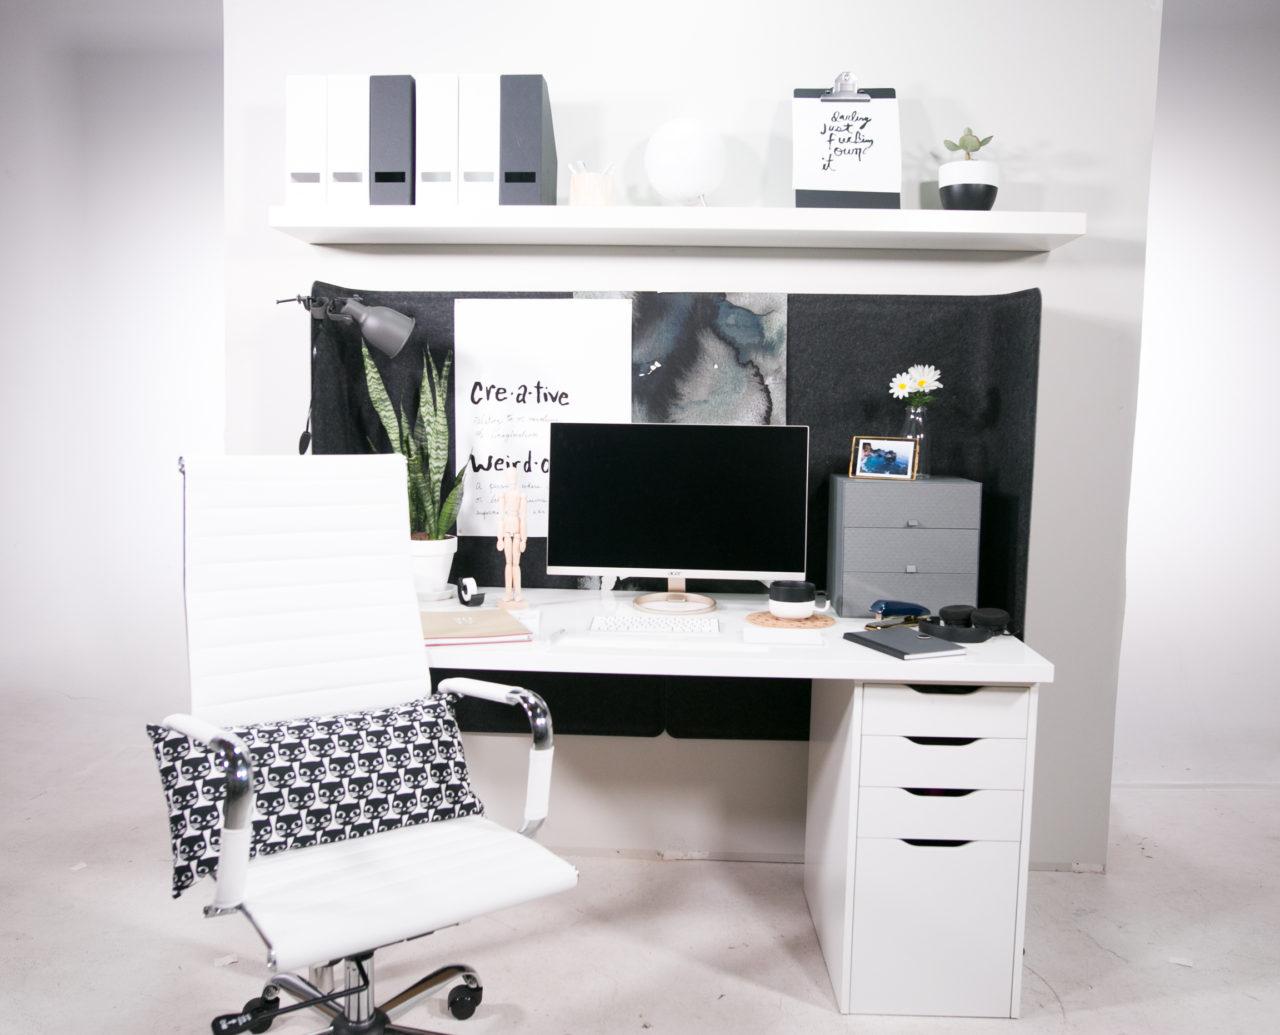 mrkate_cubicle_3ways_blog-57